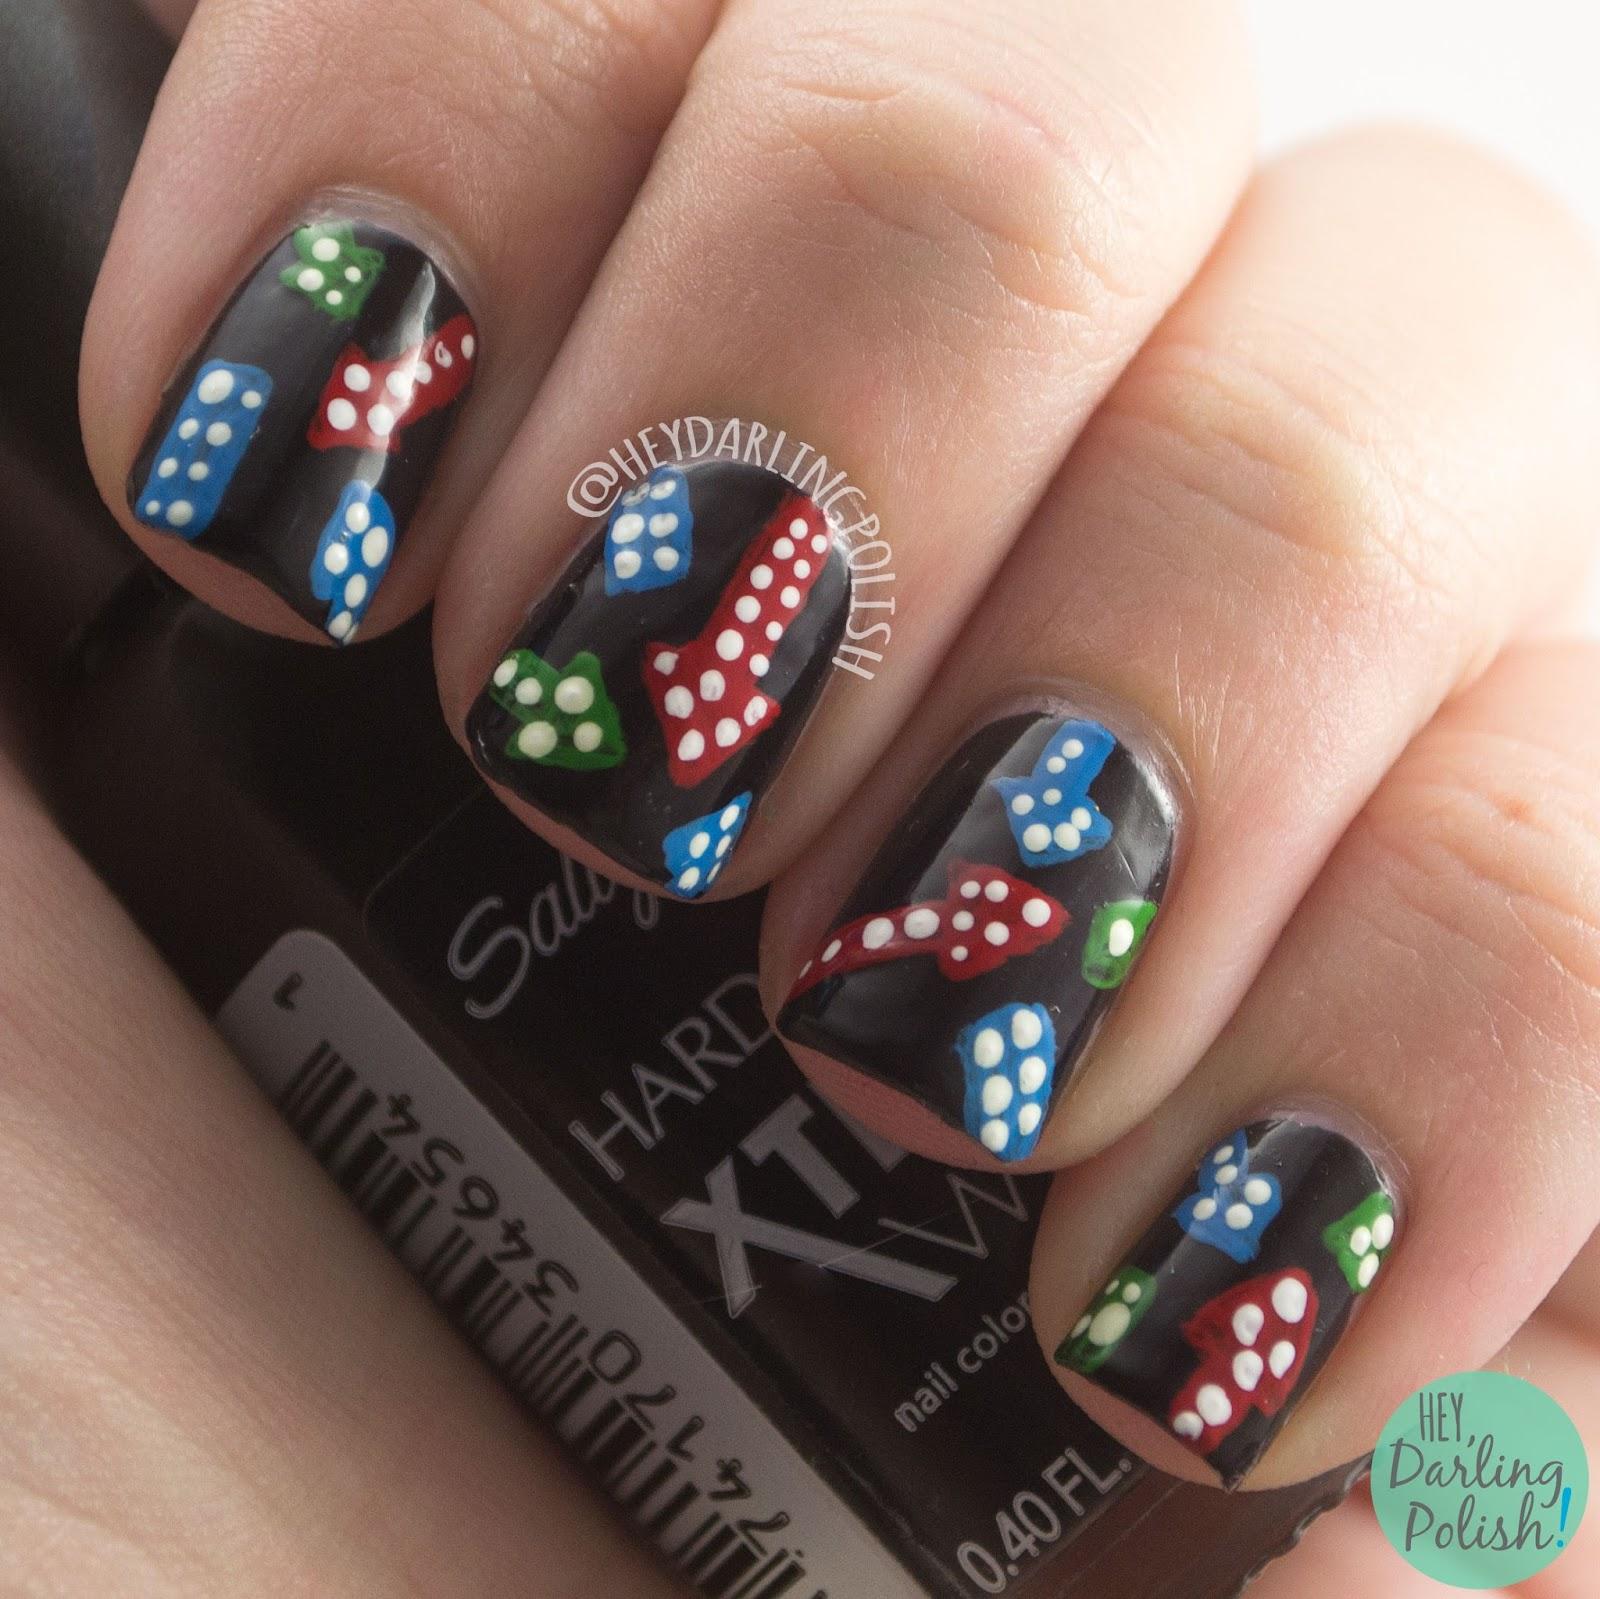 nails, nail art, nail polish, lights, neon, vintage, hey darling polish, the nail art guild, dots, free hand